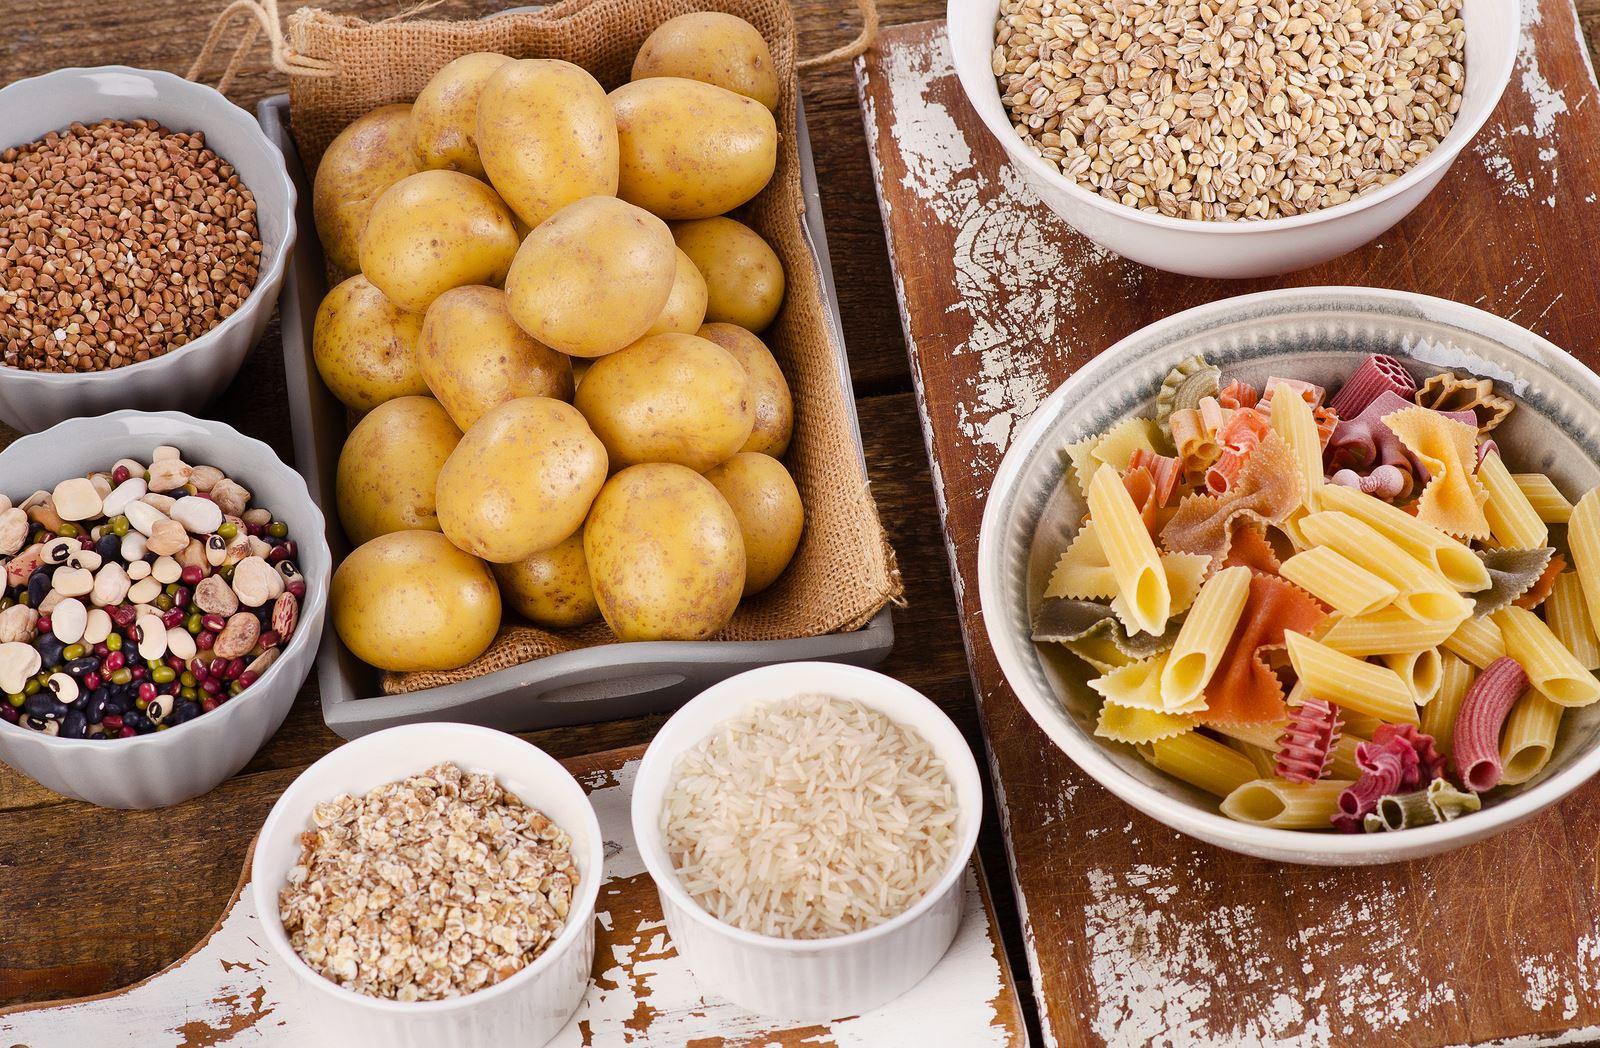 Картофель, перловка, макароны, овсянка, бурый рис, фасоль и гречка